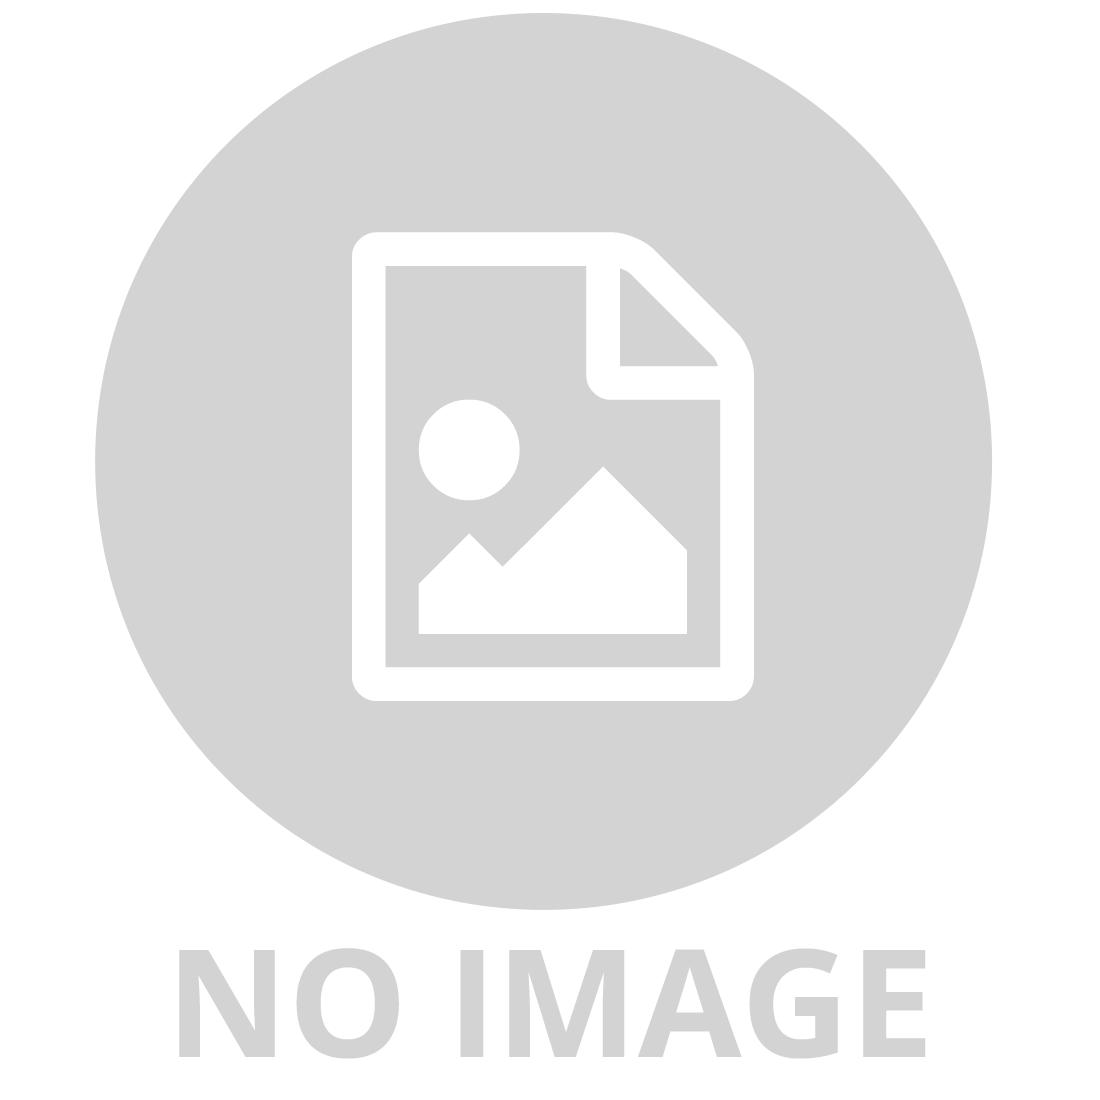 RAVENSBURGER 500 PIECE PUZZLE A PARIS EVENING